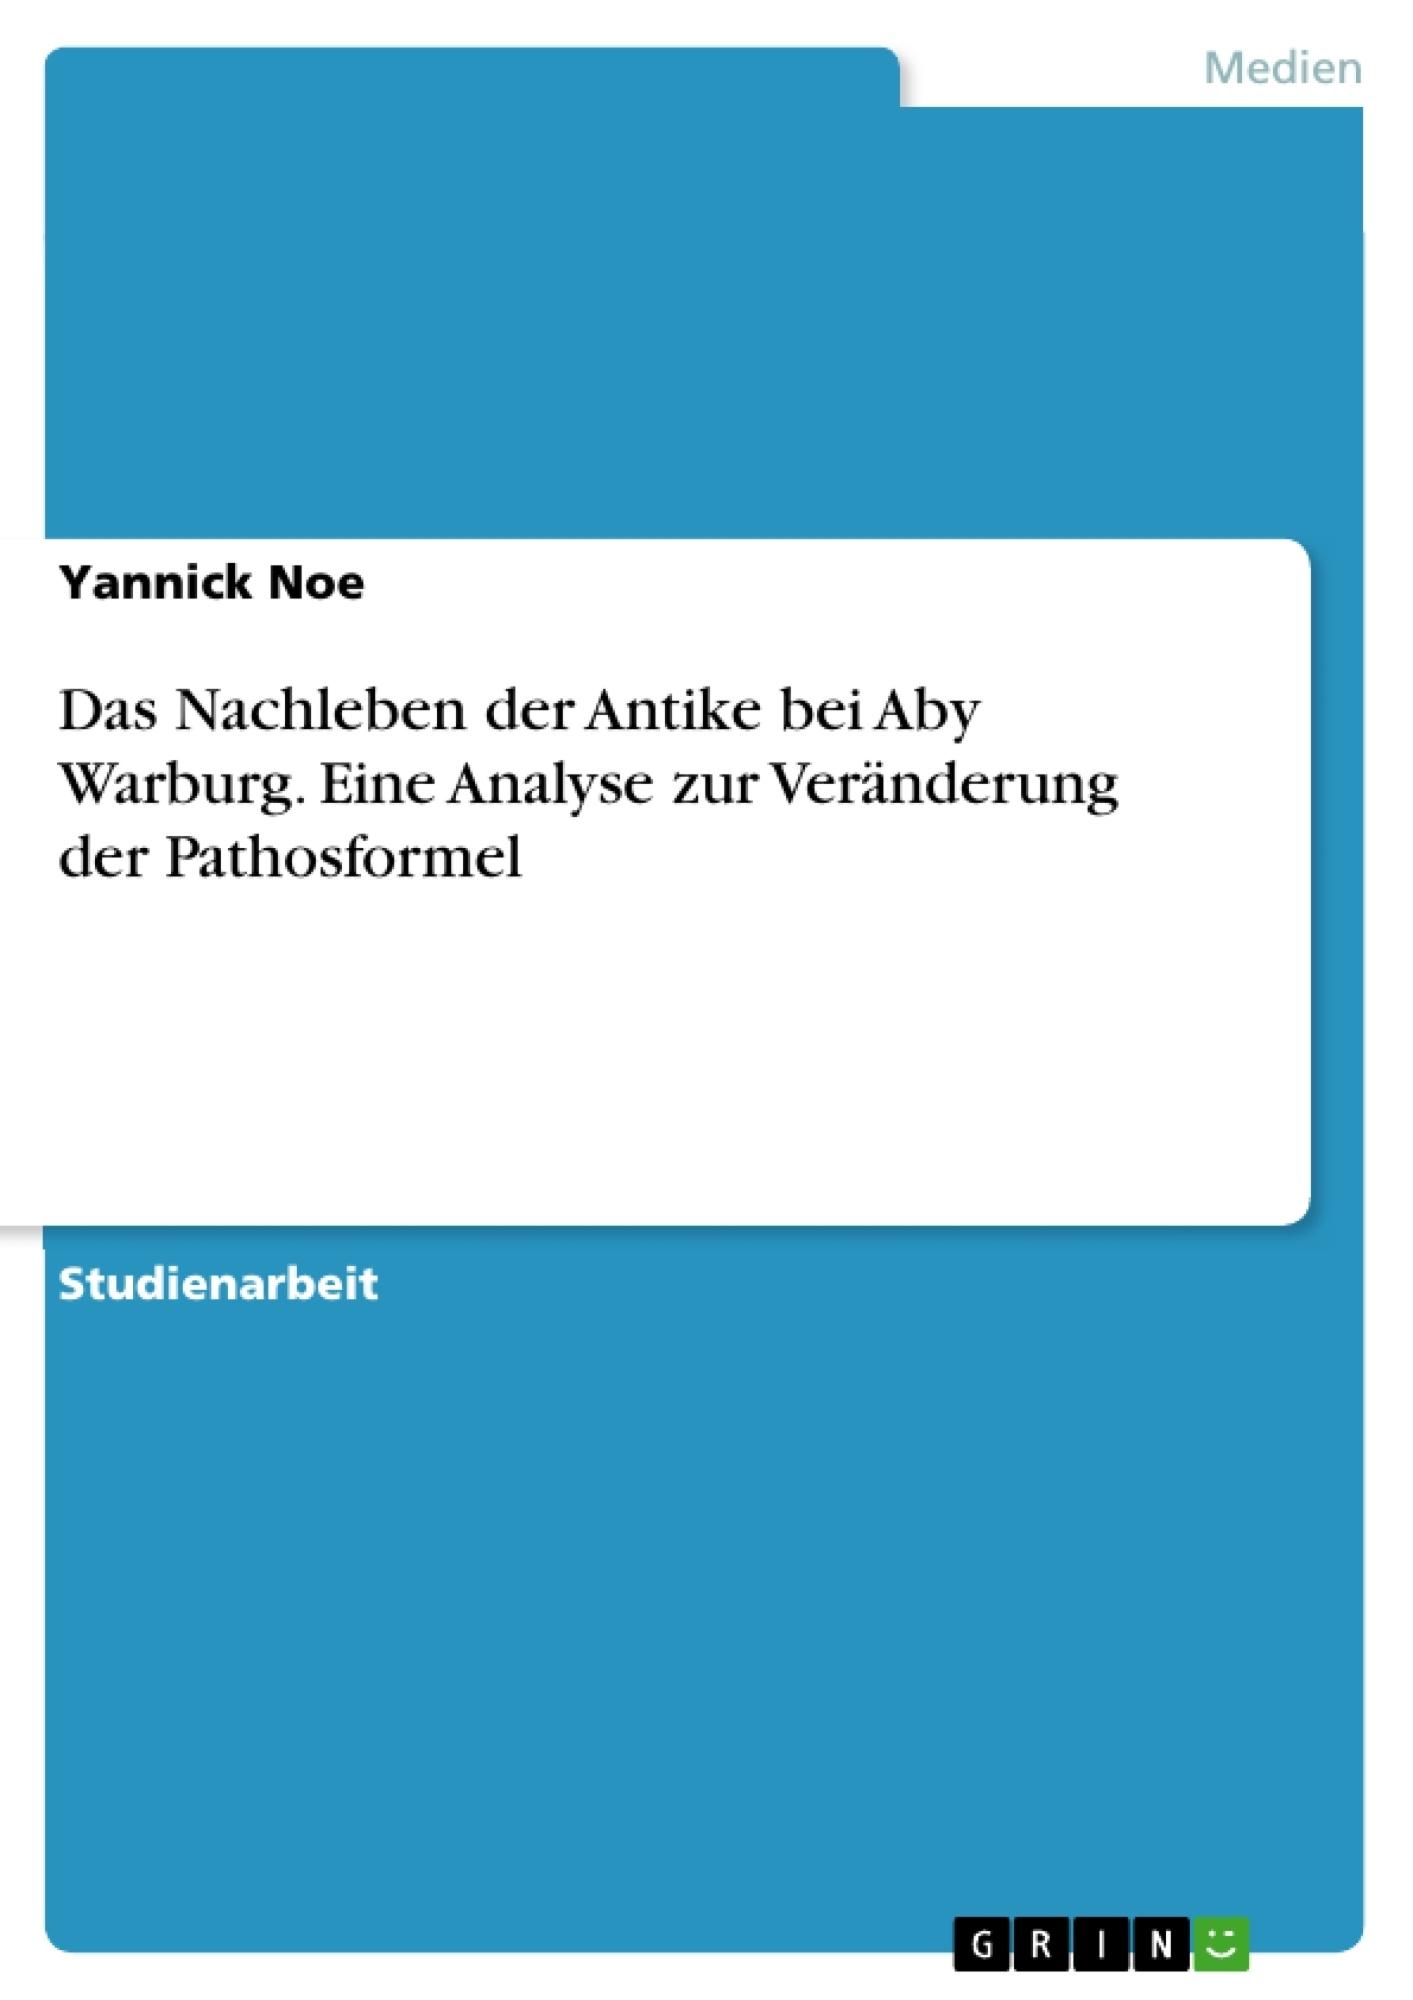 Titel: Das Nachleben der Antike bei Aby Warburg. Eine Analyse zur Veränderung der Pathosformel